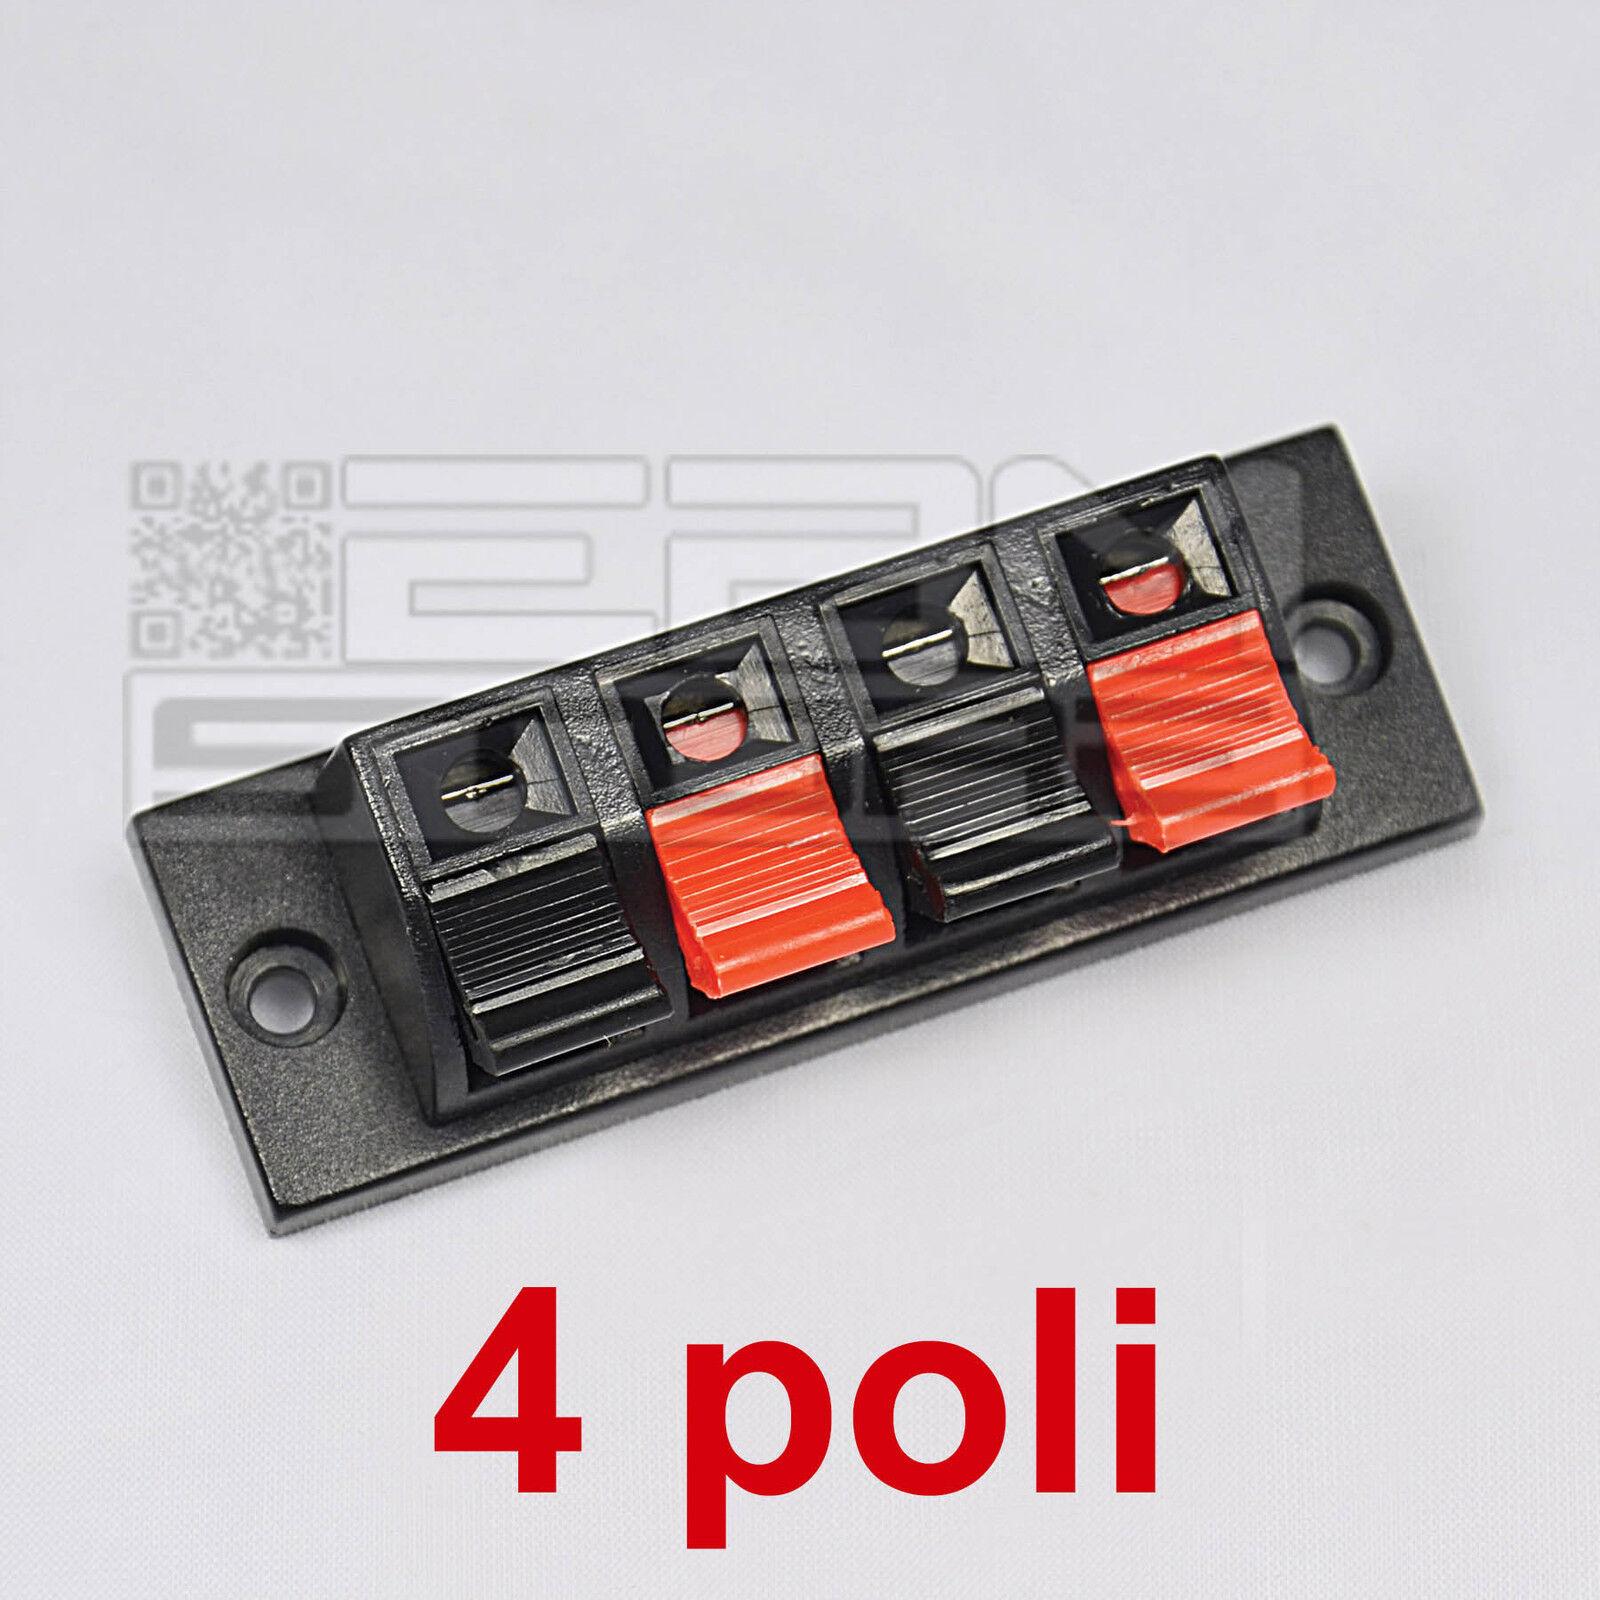 Morsettiera 4 poli per altoparlante - morsetto a molla per casse - ART. BH02